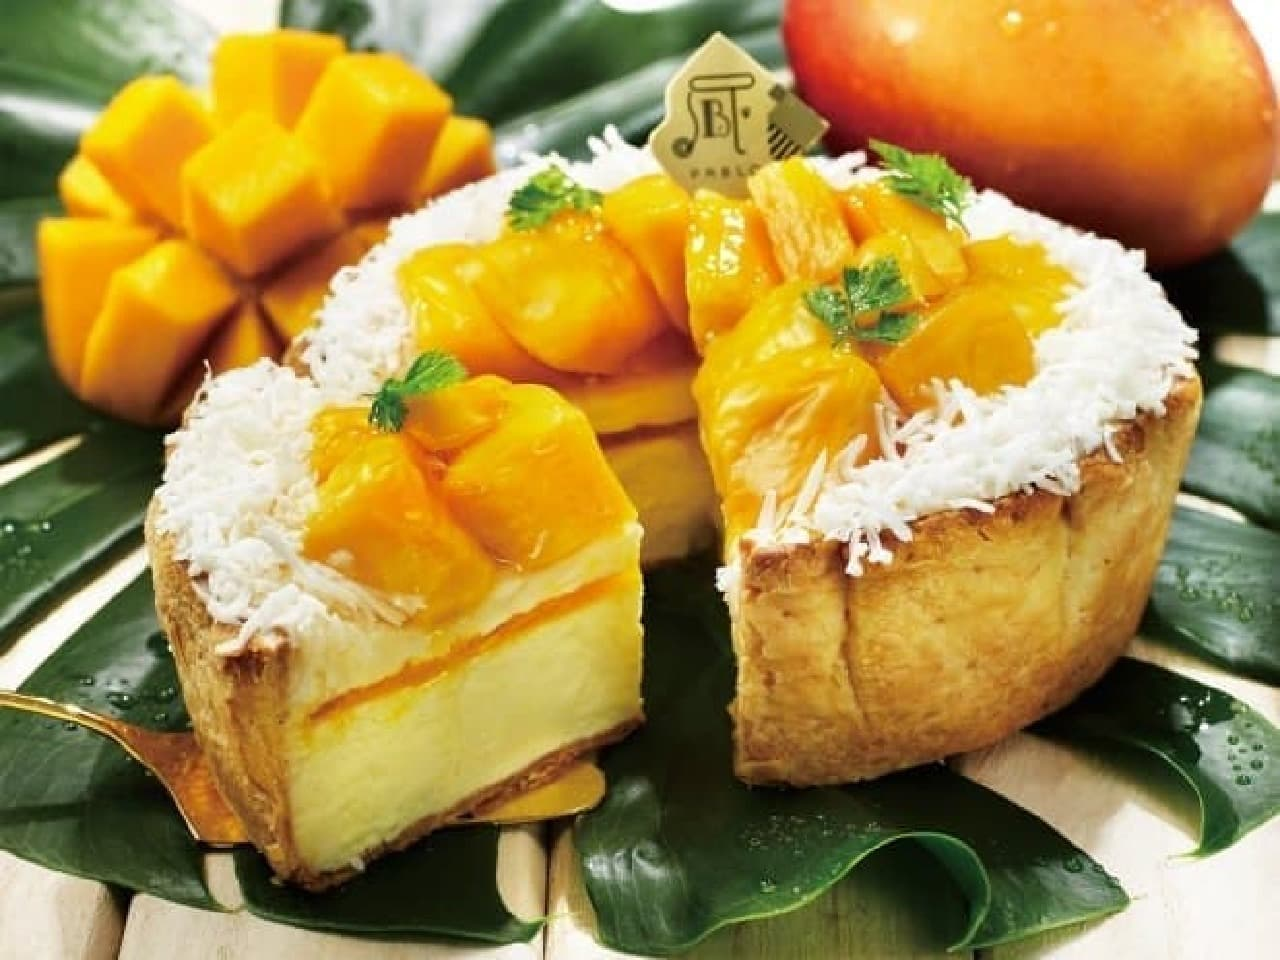 パブロ7月限定「ごろごろマンゴーとココナッツのチーズタルト」